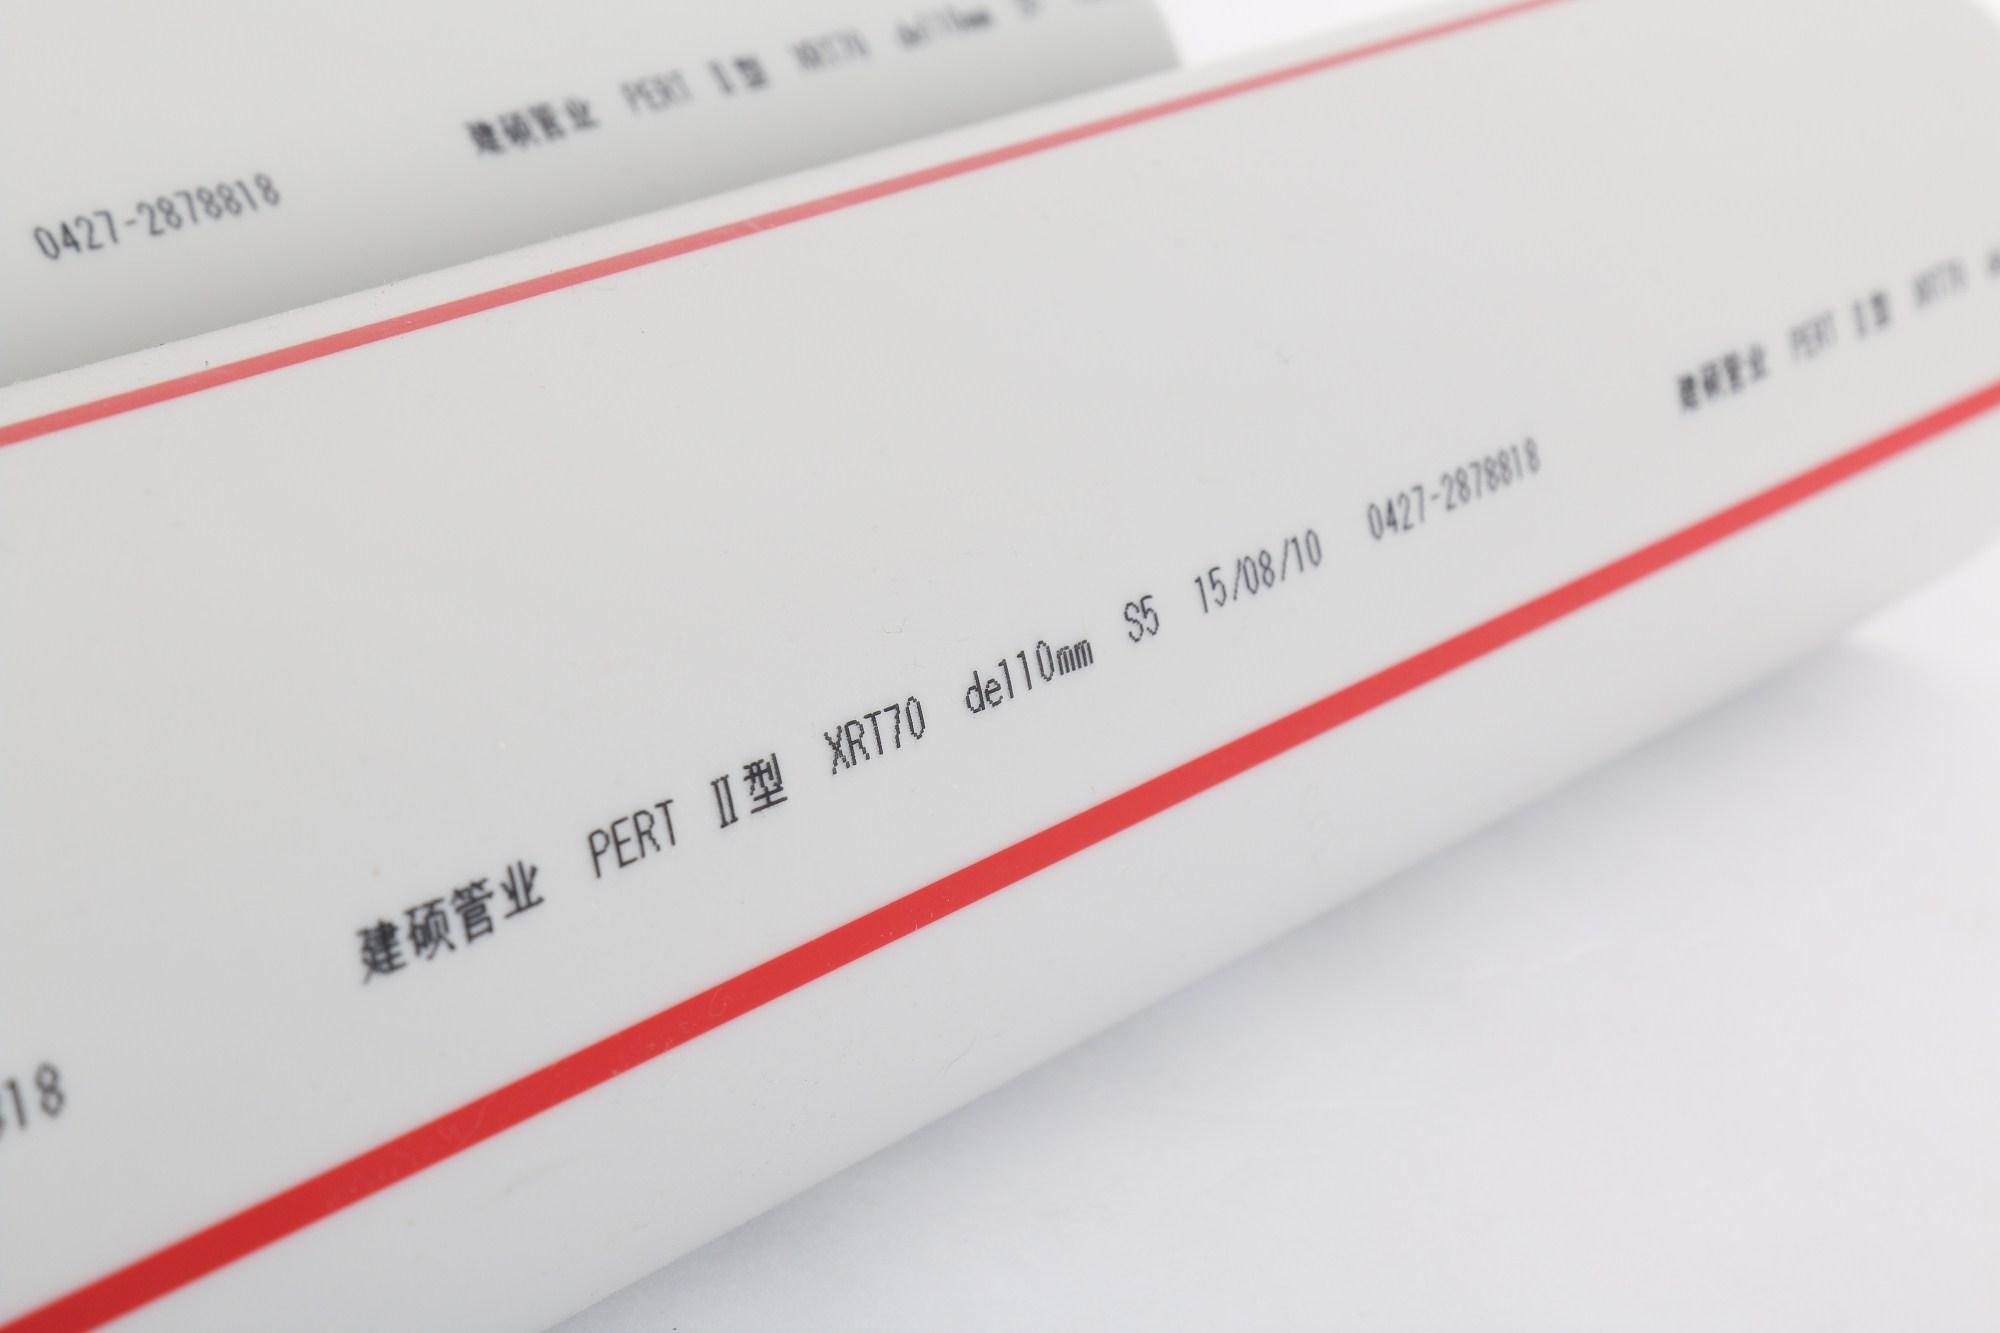 PERTⅡ型热水管SDR11 De110x10mm0.jpg